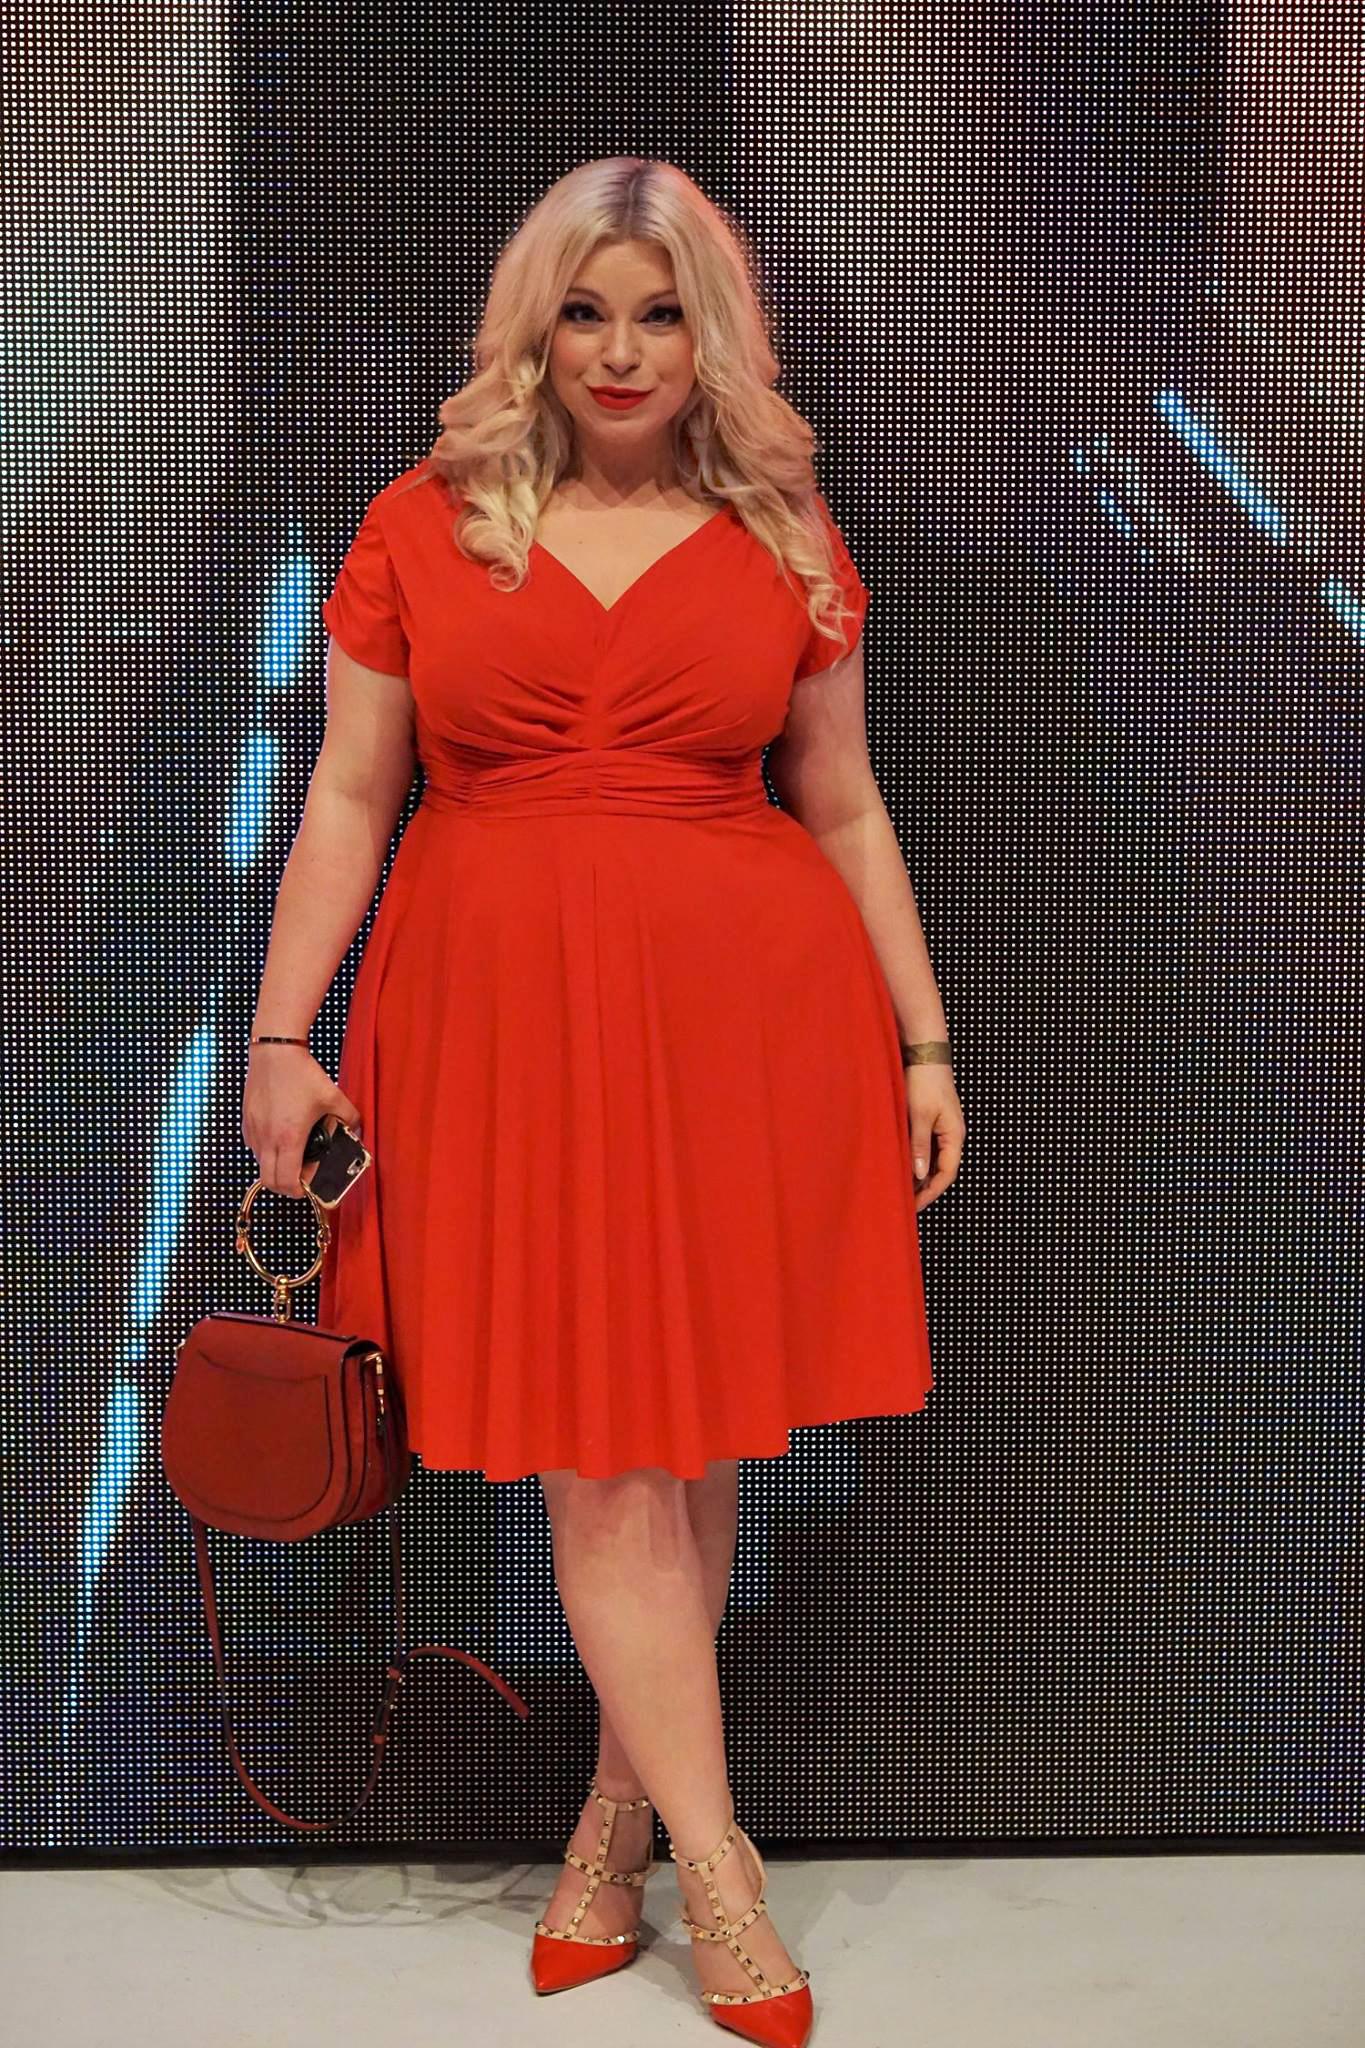 Caterina-pogorzelski-Megabambi-Curvy-Plussize-Blogger